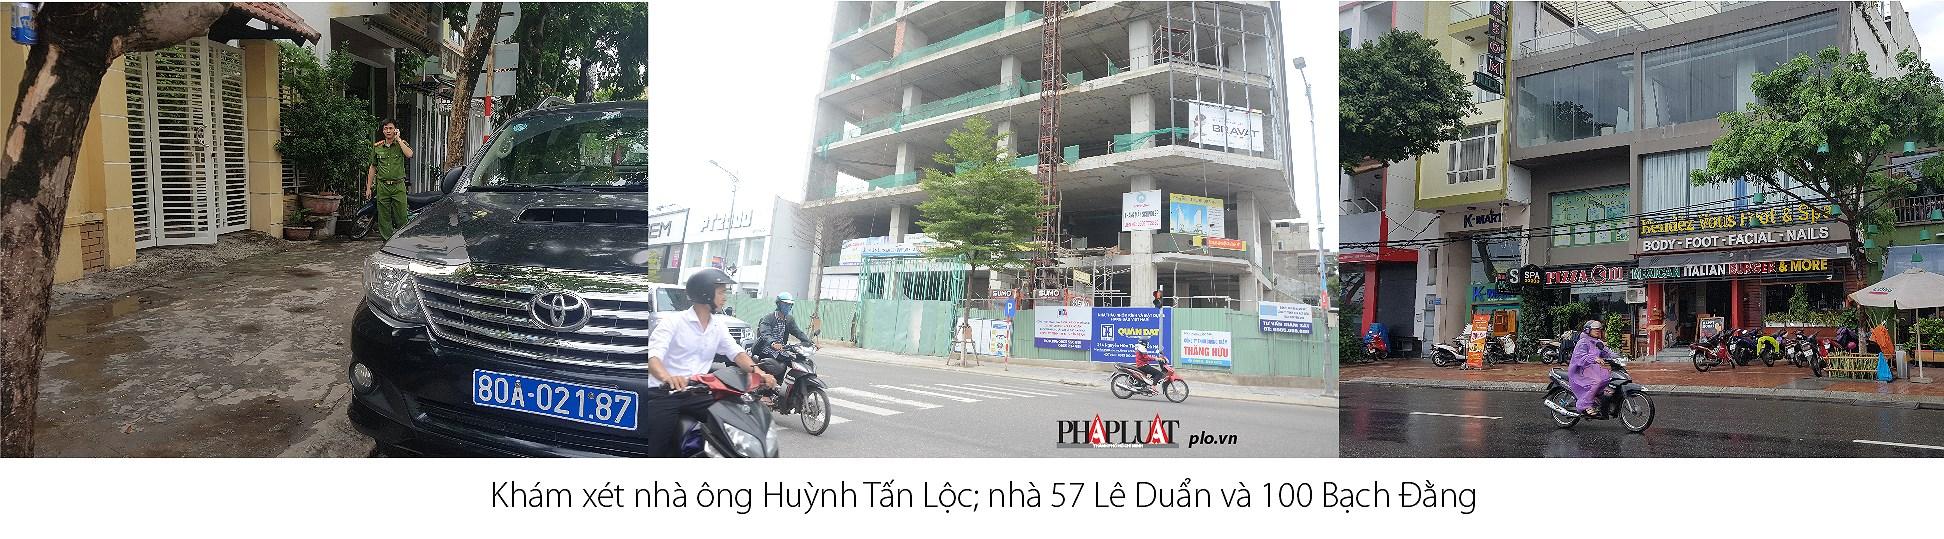 Đà Nẵng qua một năm sóng gió - ảnh 10